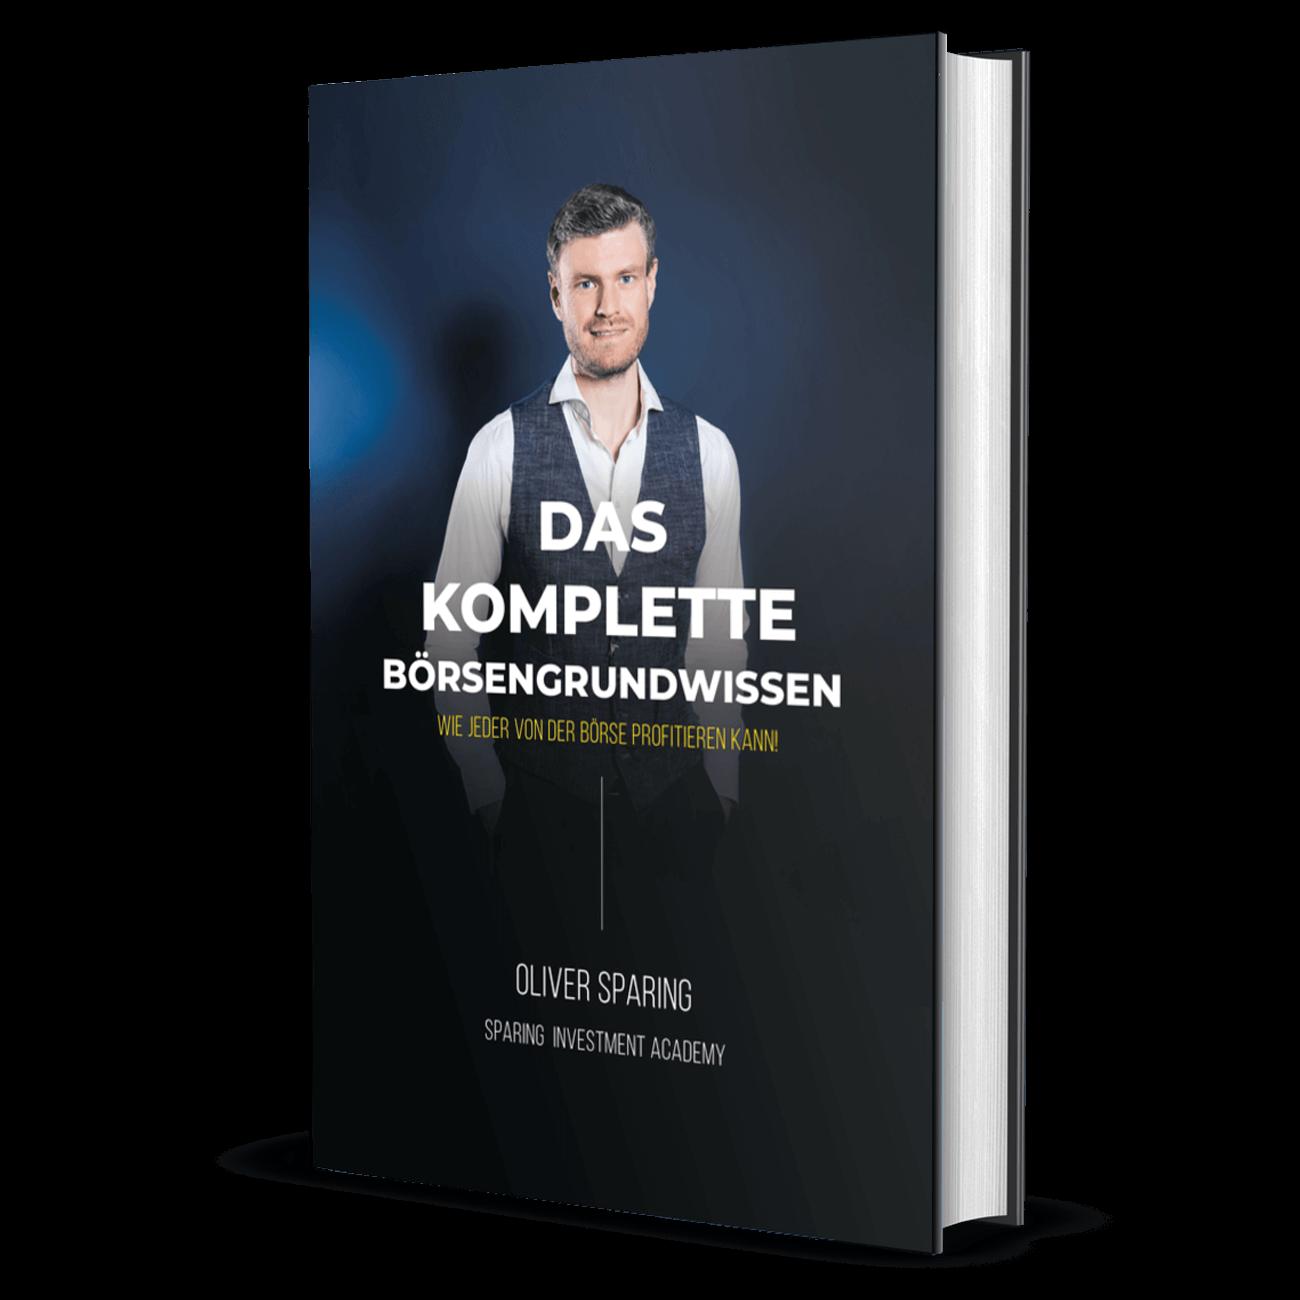 Top Börsenbücher Empfehlung - Bestseller - Das komplette Börsengrundwissen - Hardcover